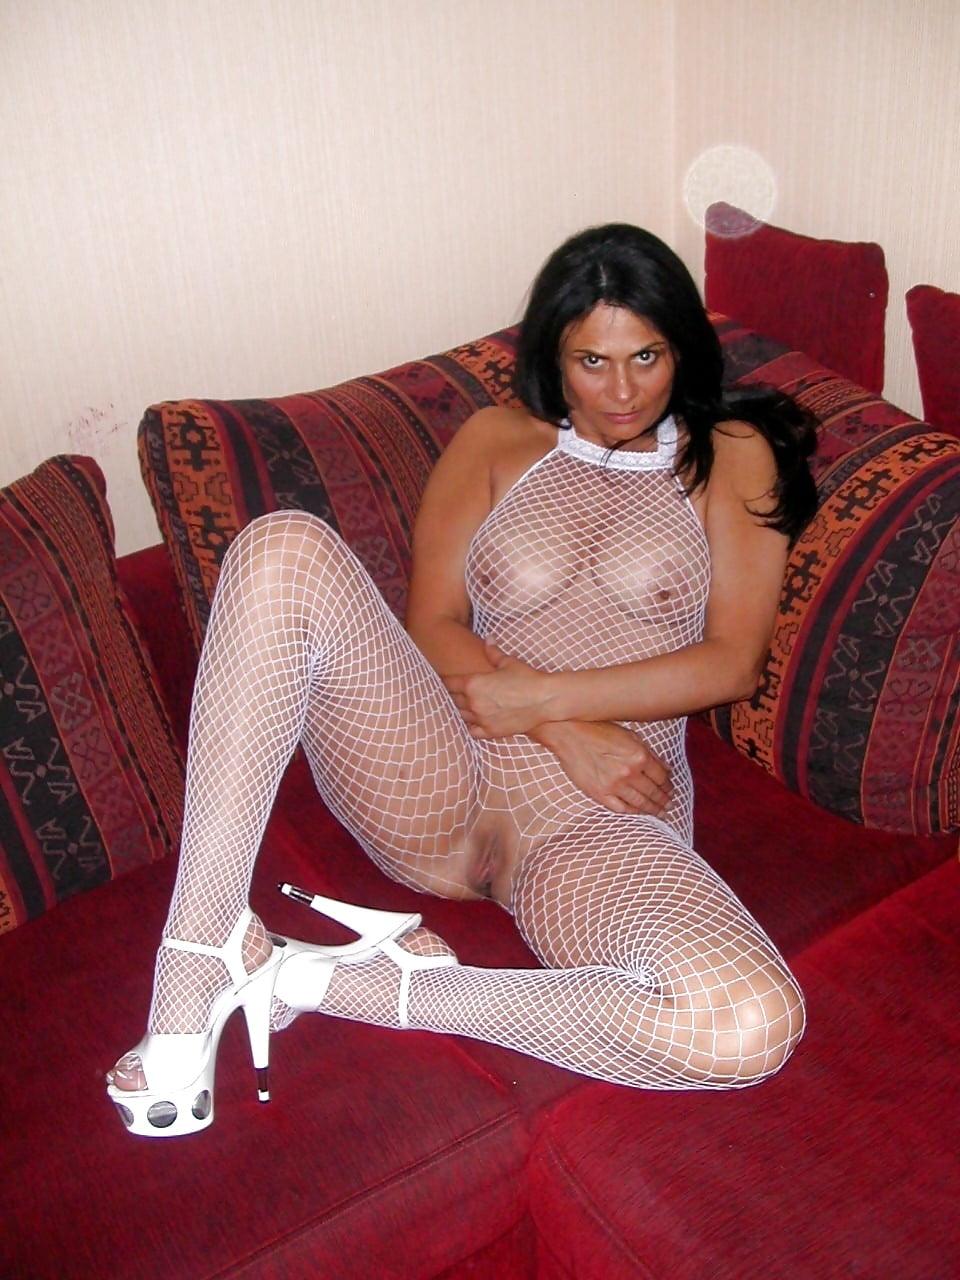 Любовнику потыкаться проститутки кишинева заказать на дом цены голых дамочек